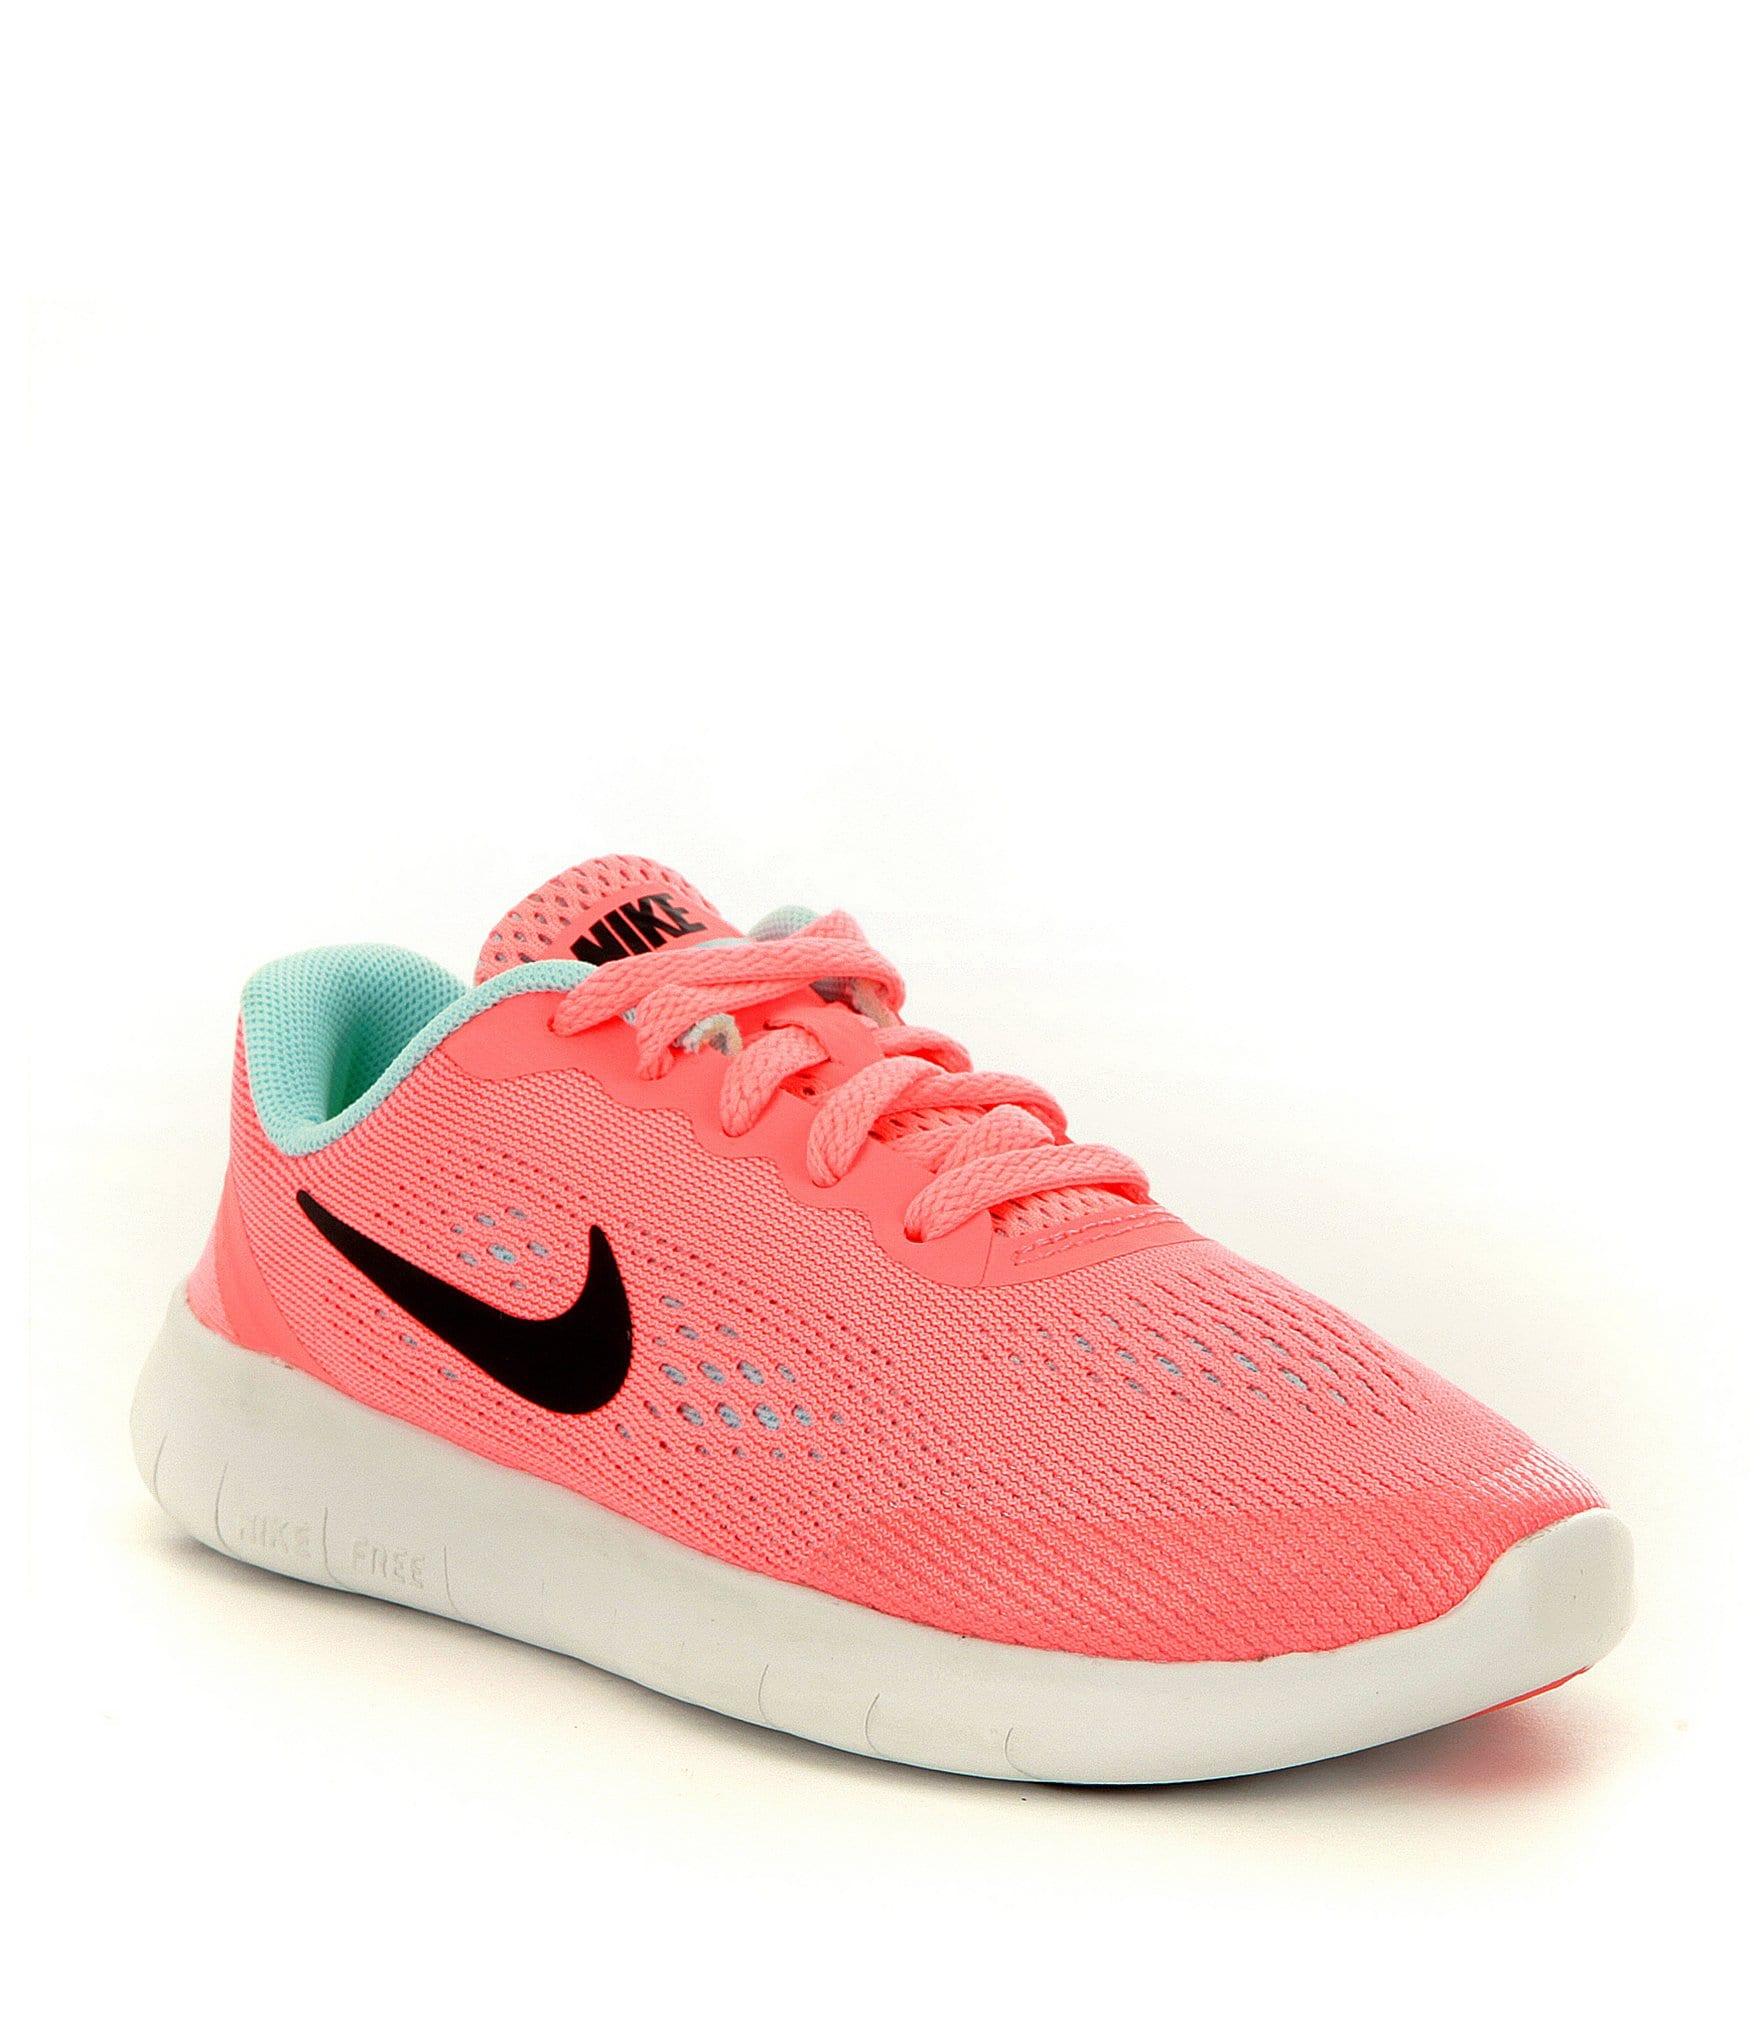 Nike Girls Running Shoes Dillards